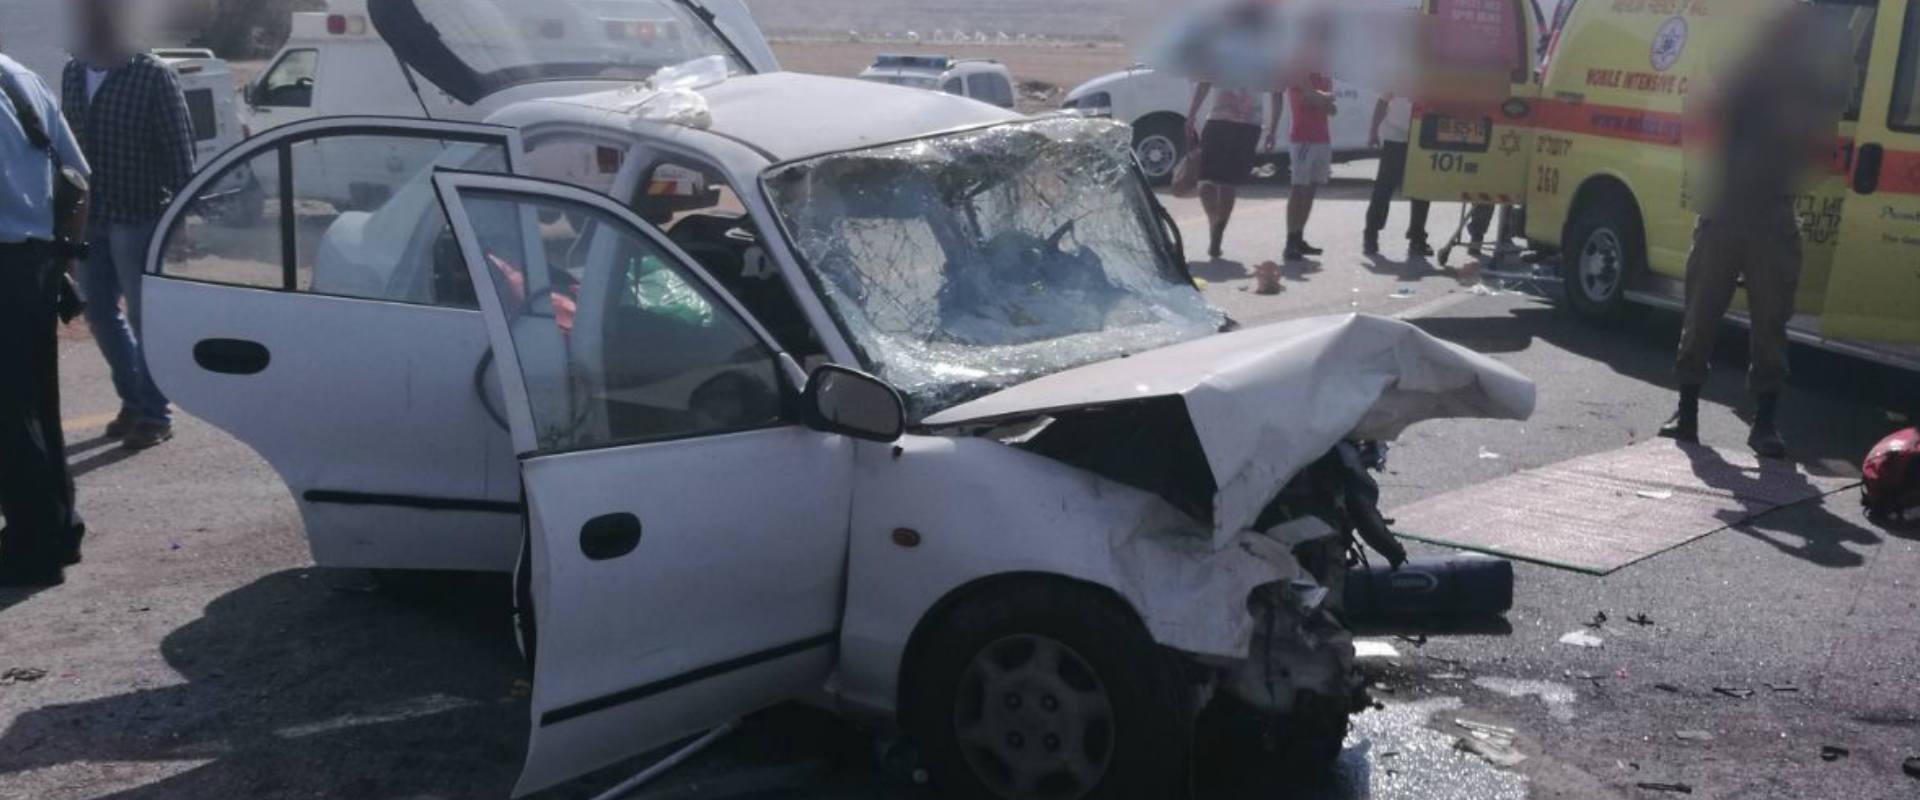 תאונת הדרכים מכביש 1, היום